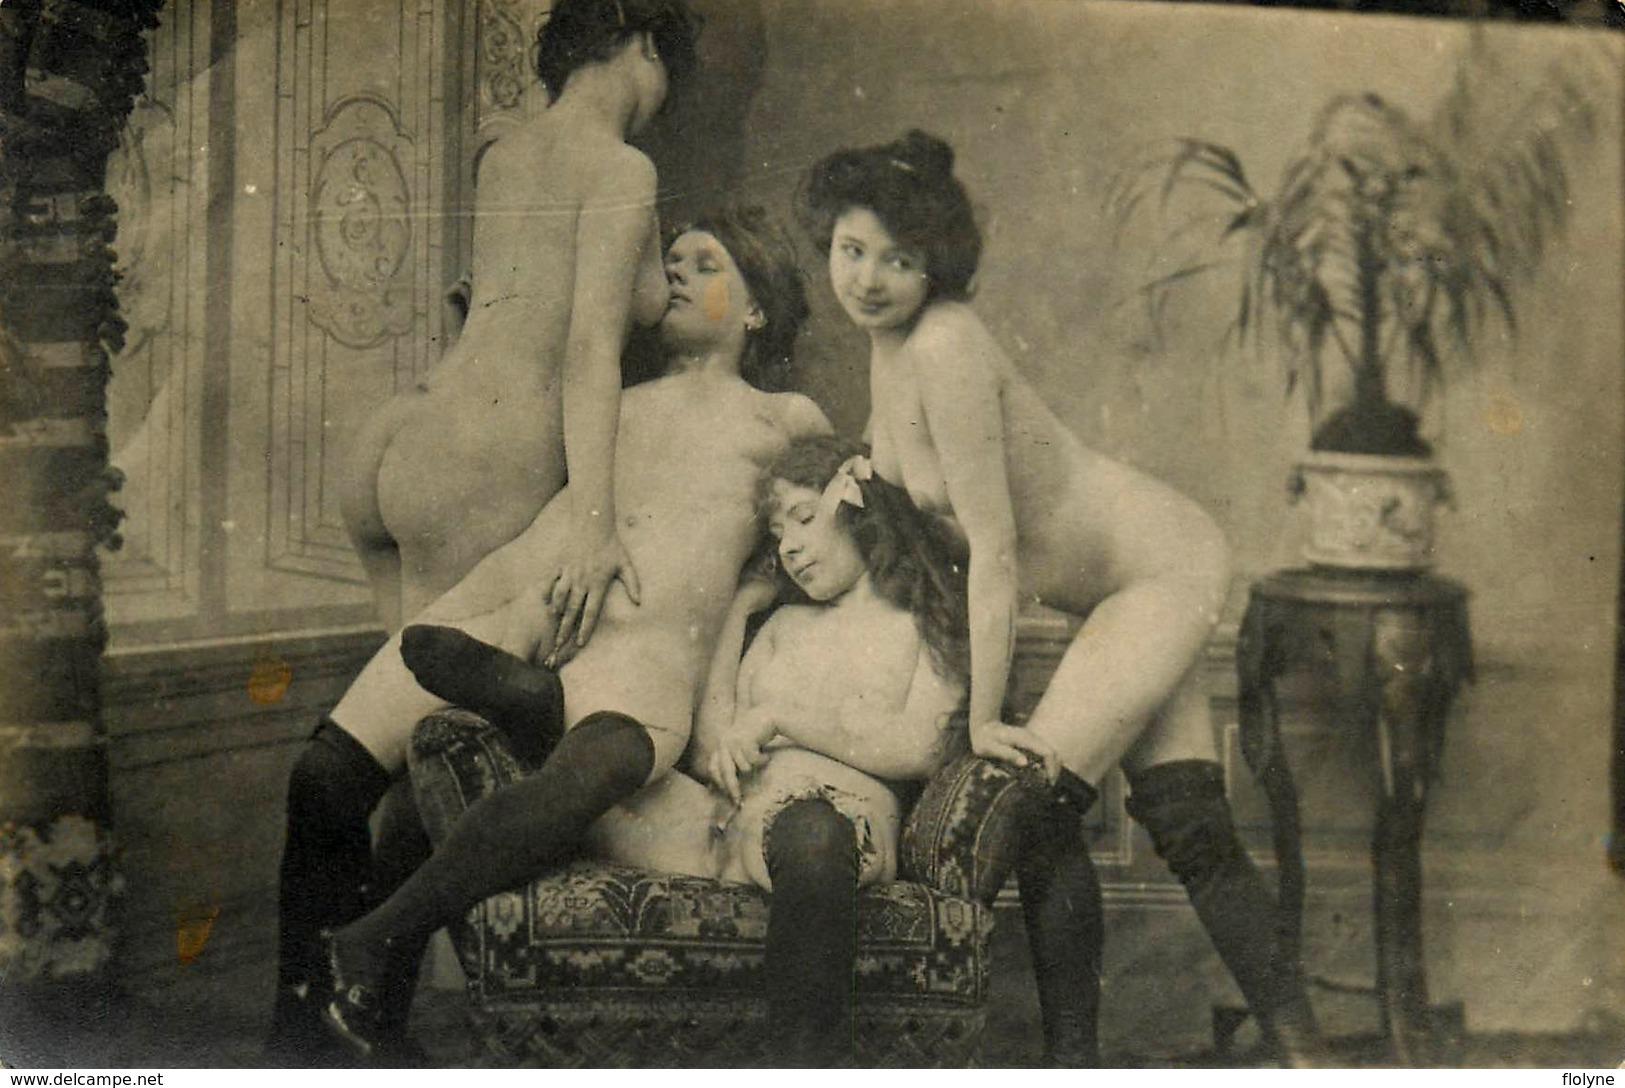 NU Curiosa - Photo Ancienne Début 1900 Porno - 4 Femmes Nue Seins Nus - Lesbiennes Maison Close Prostitution - Beauté Féminine D'autrefois < 1920